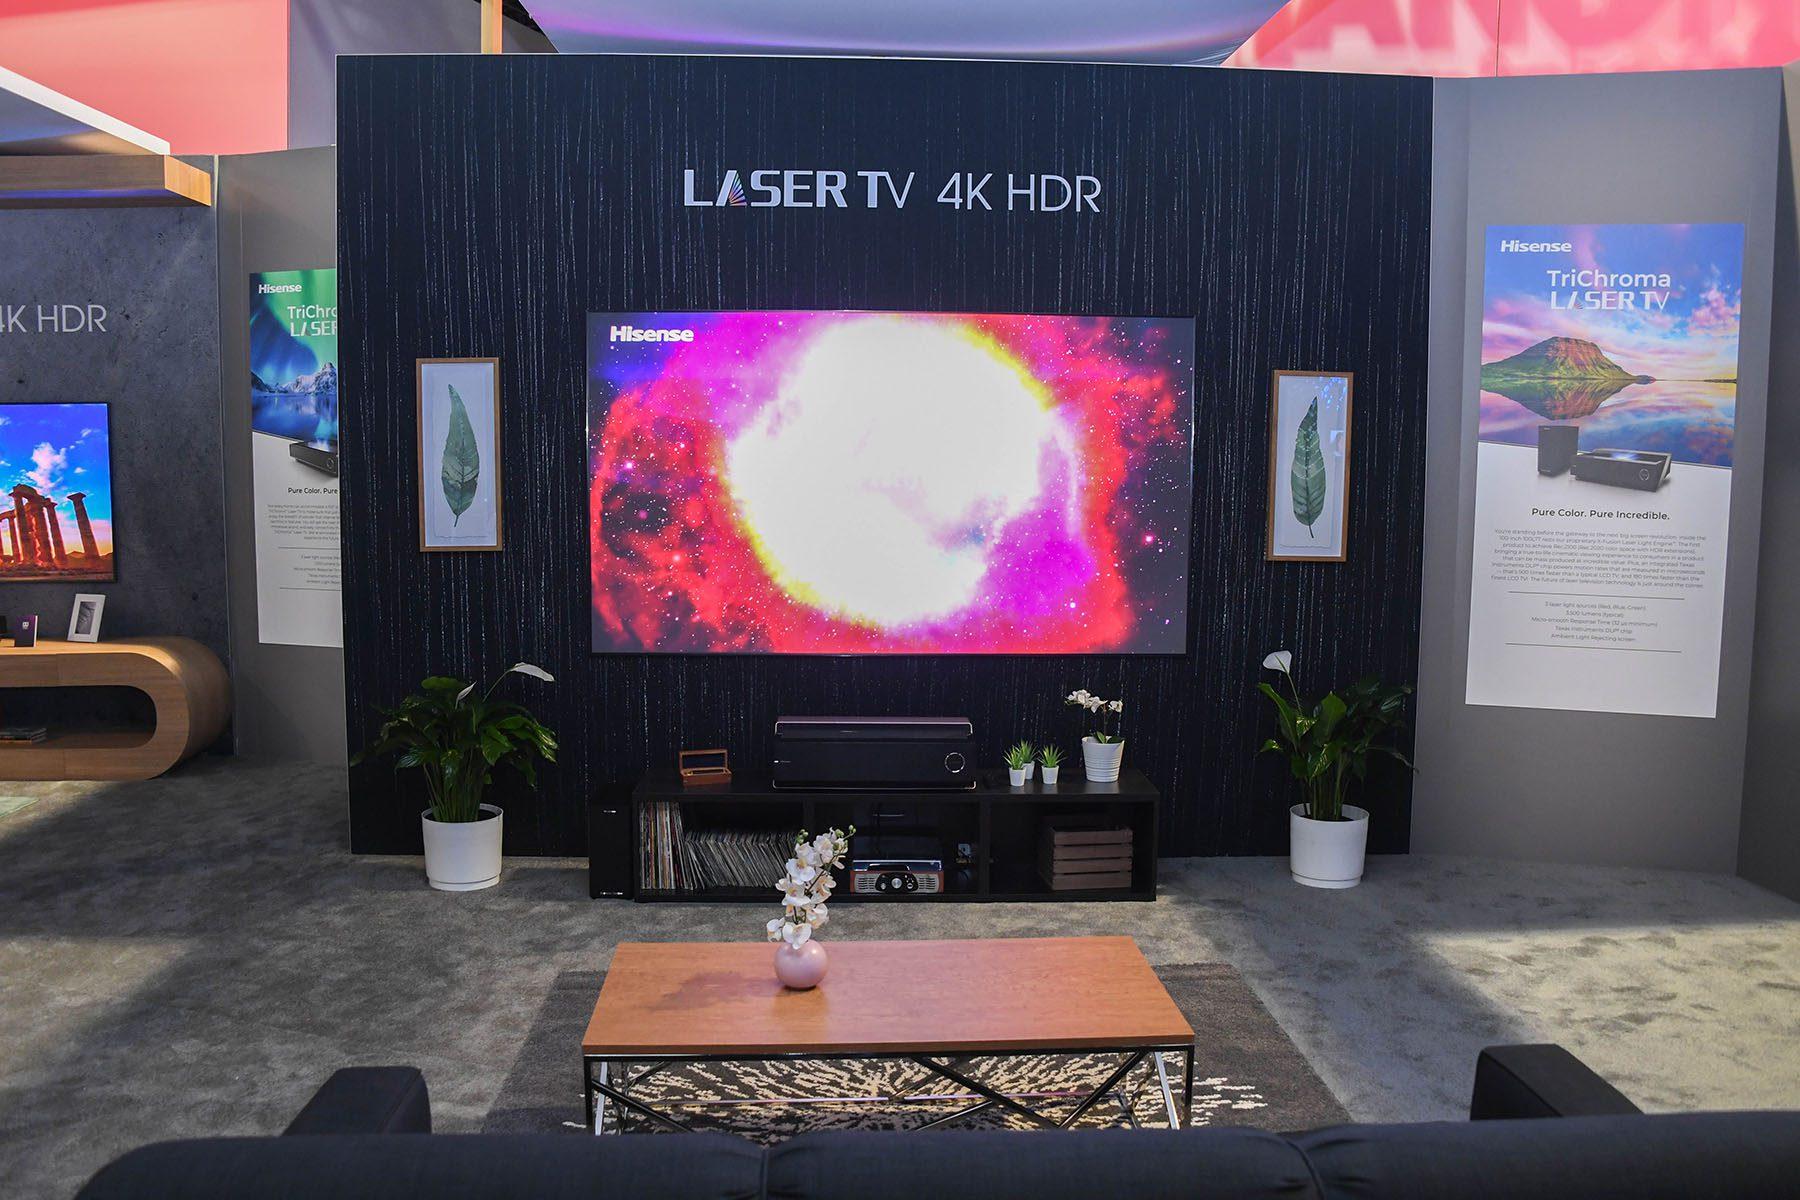 """""""ไฮเซ่นส์"""" โชว์เทคโนโลยีสุดล้ำรับอนาคต พลิกกระแสตลาดทีวีลักซ์ชัวรี่ด้วยเลเซอร์ทีวีรุ่นใหม่"""